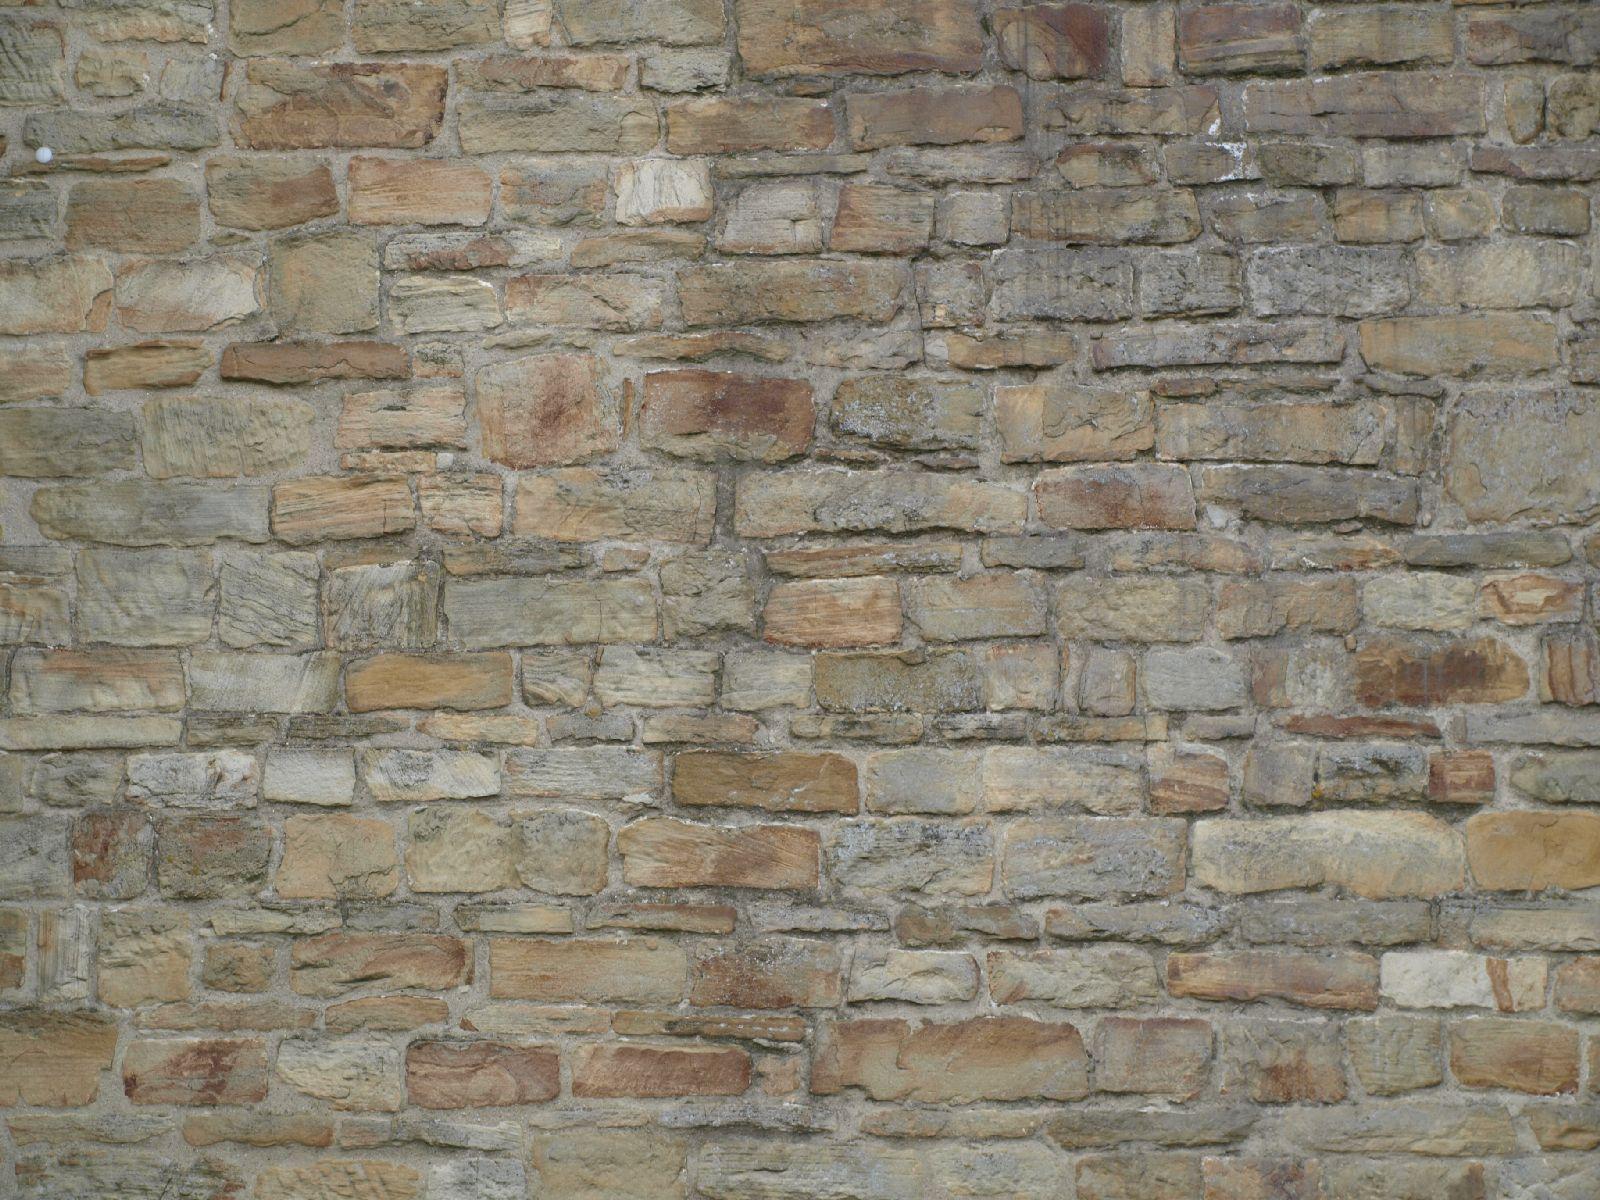 Brick_Texture_A_BT0147